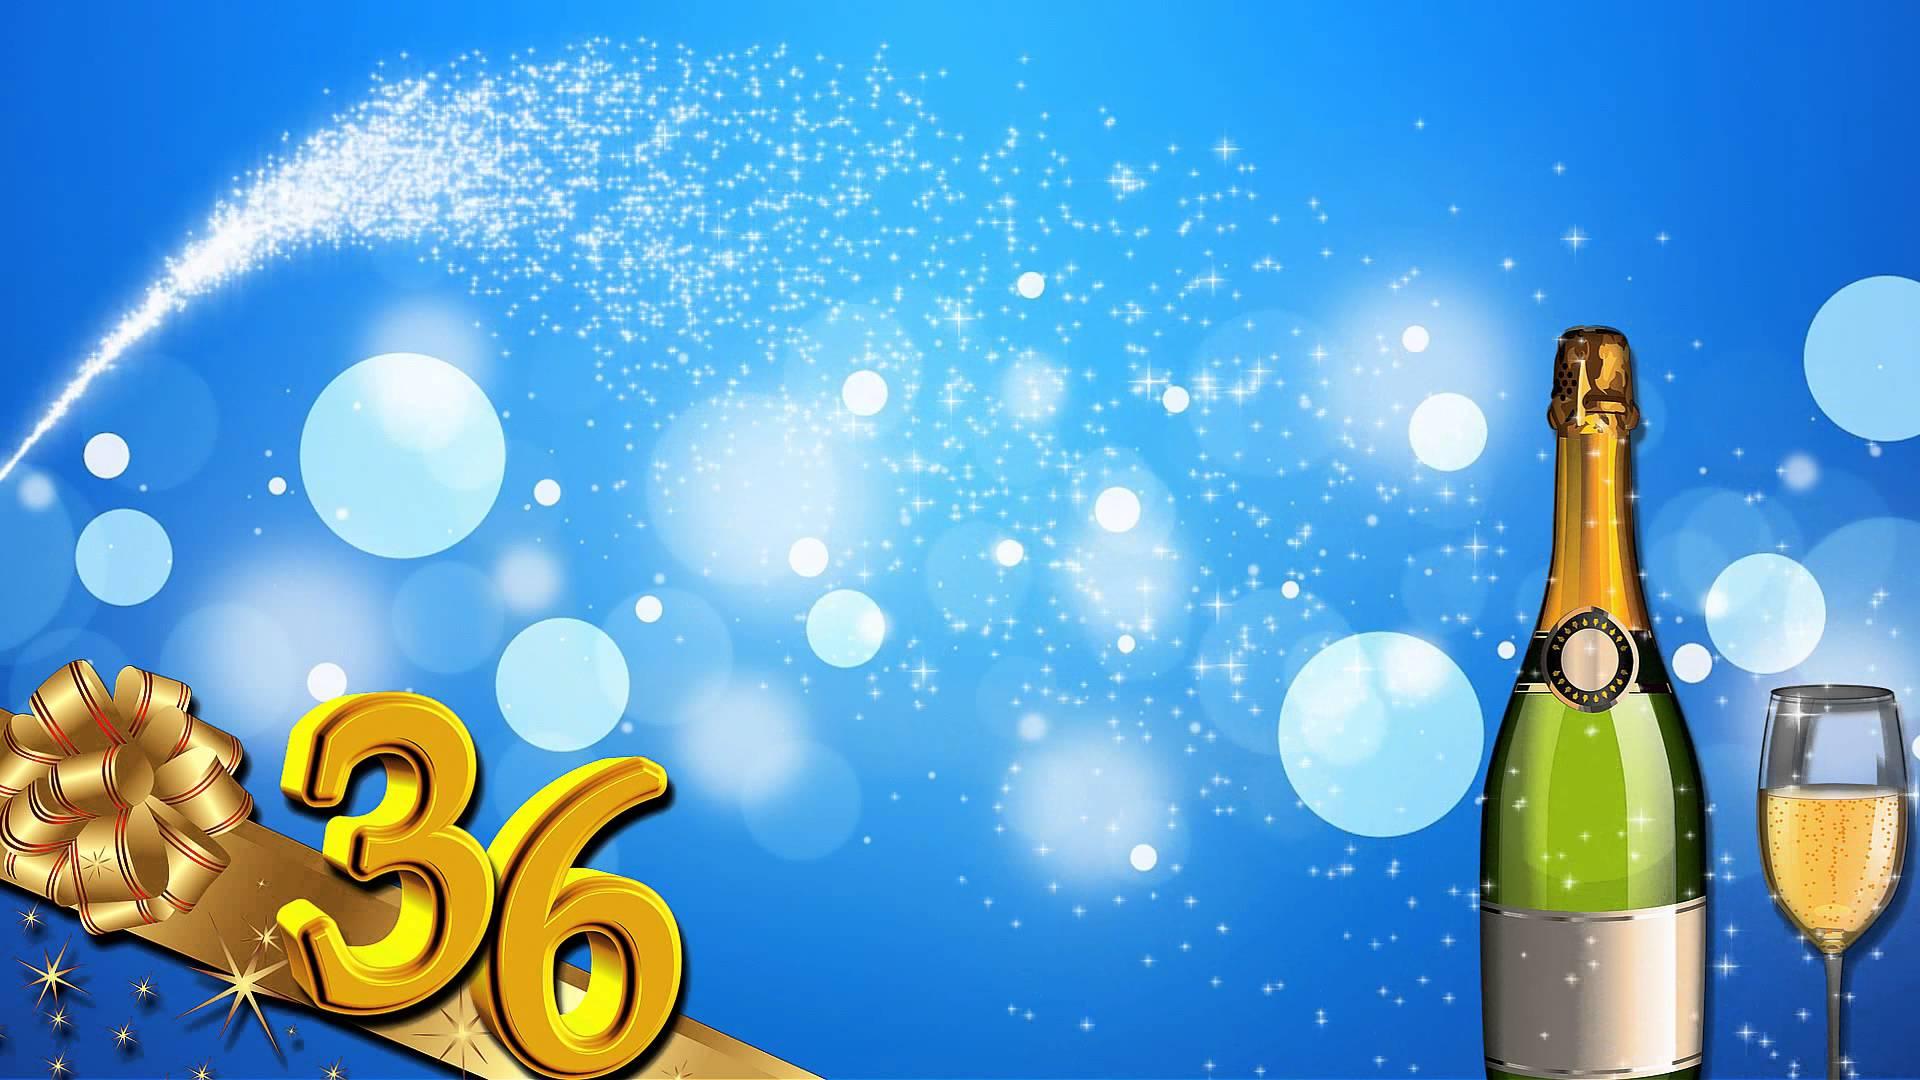 Поздравление с днём рождения 36